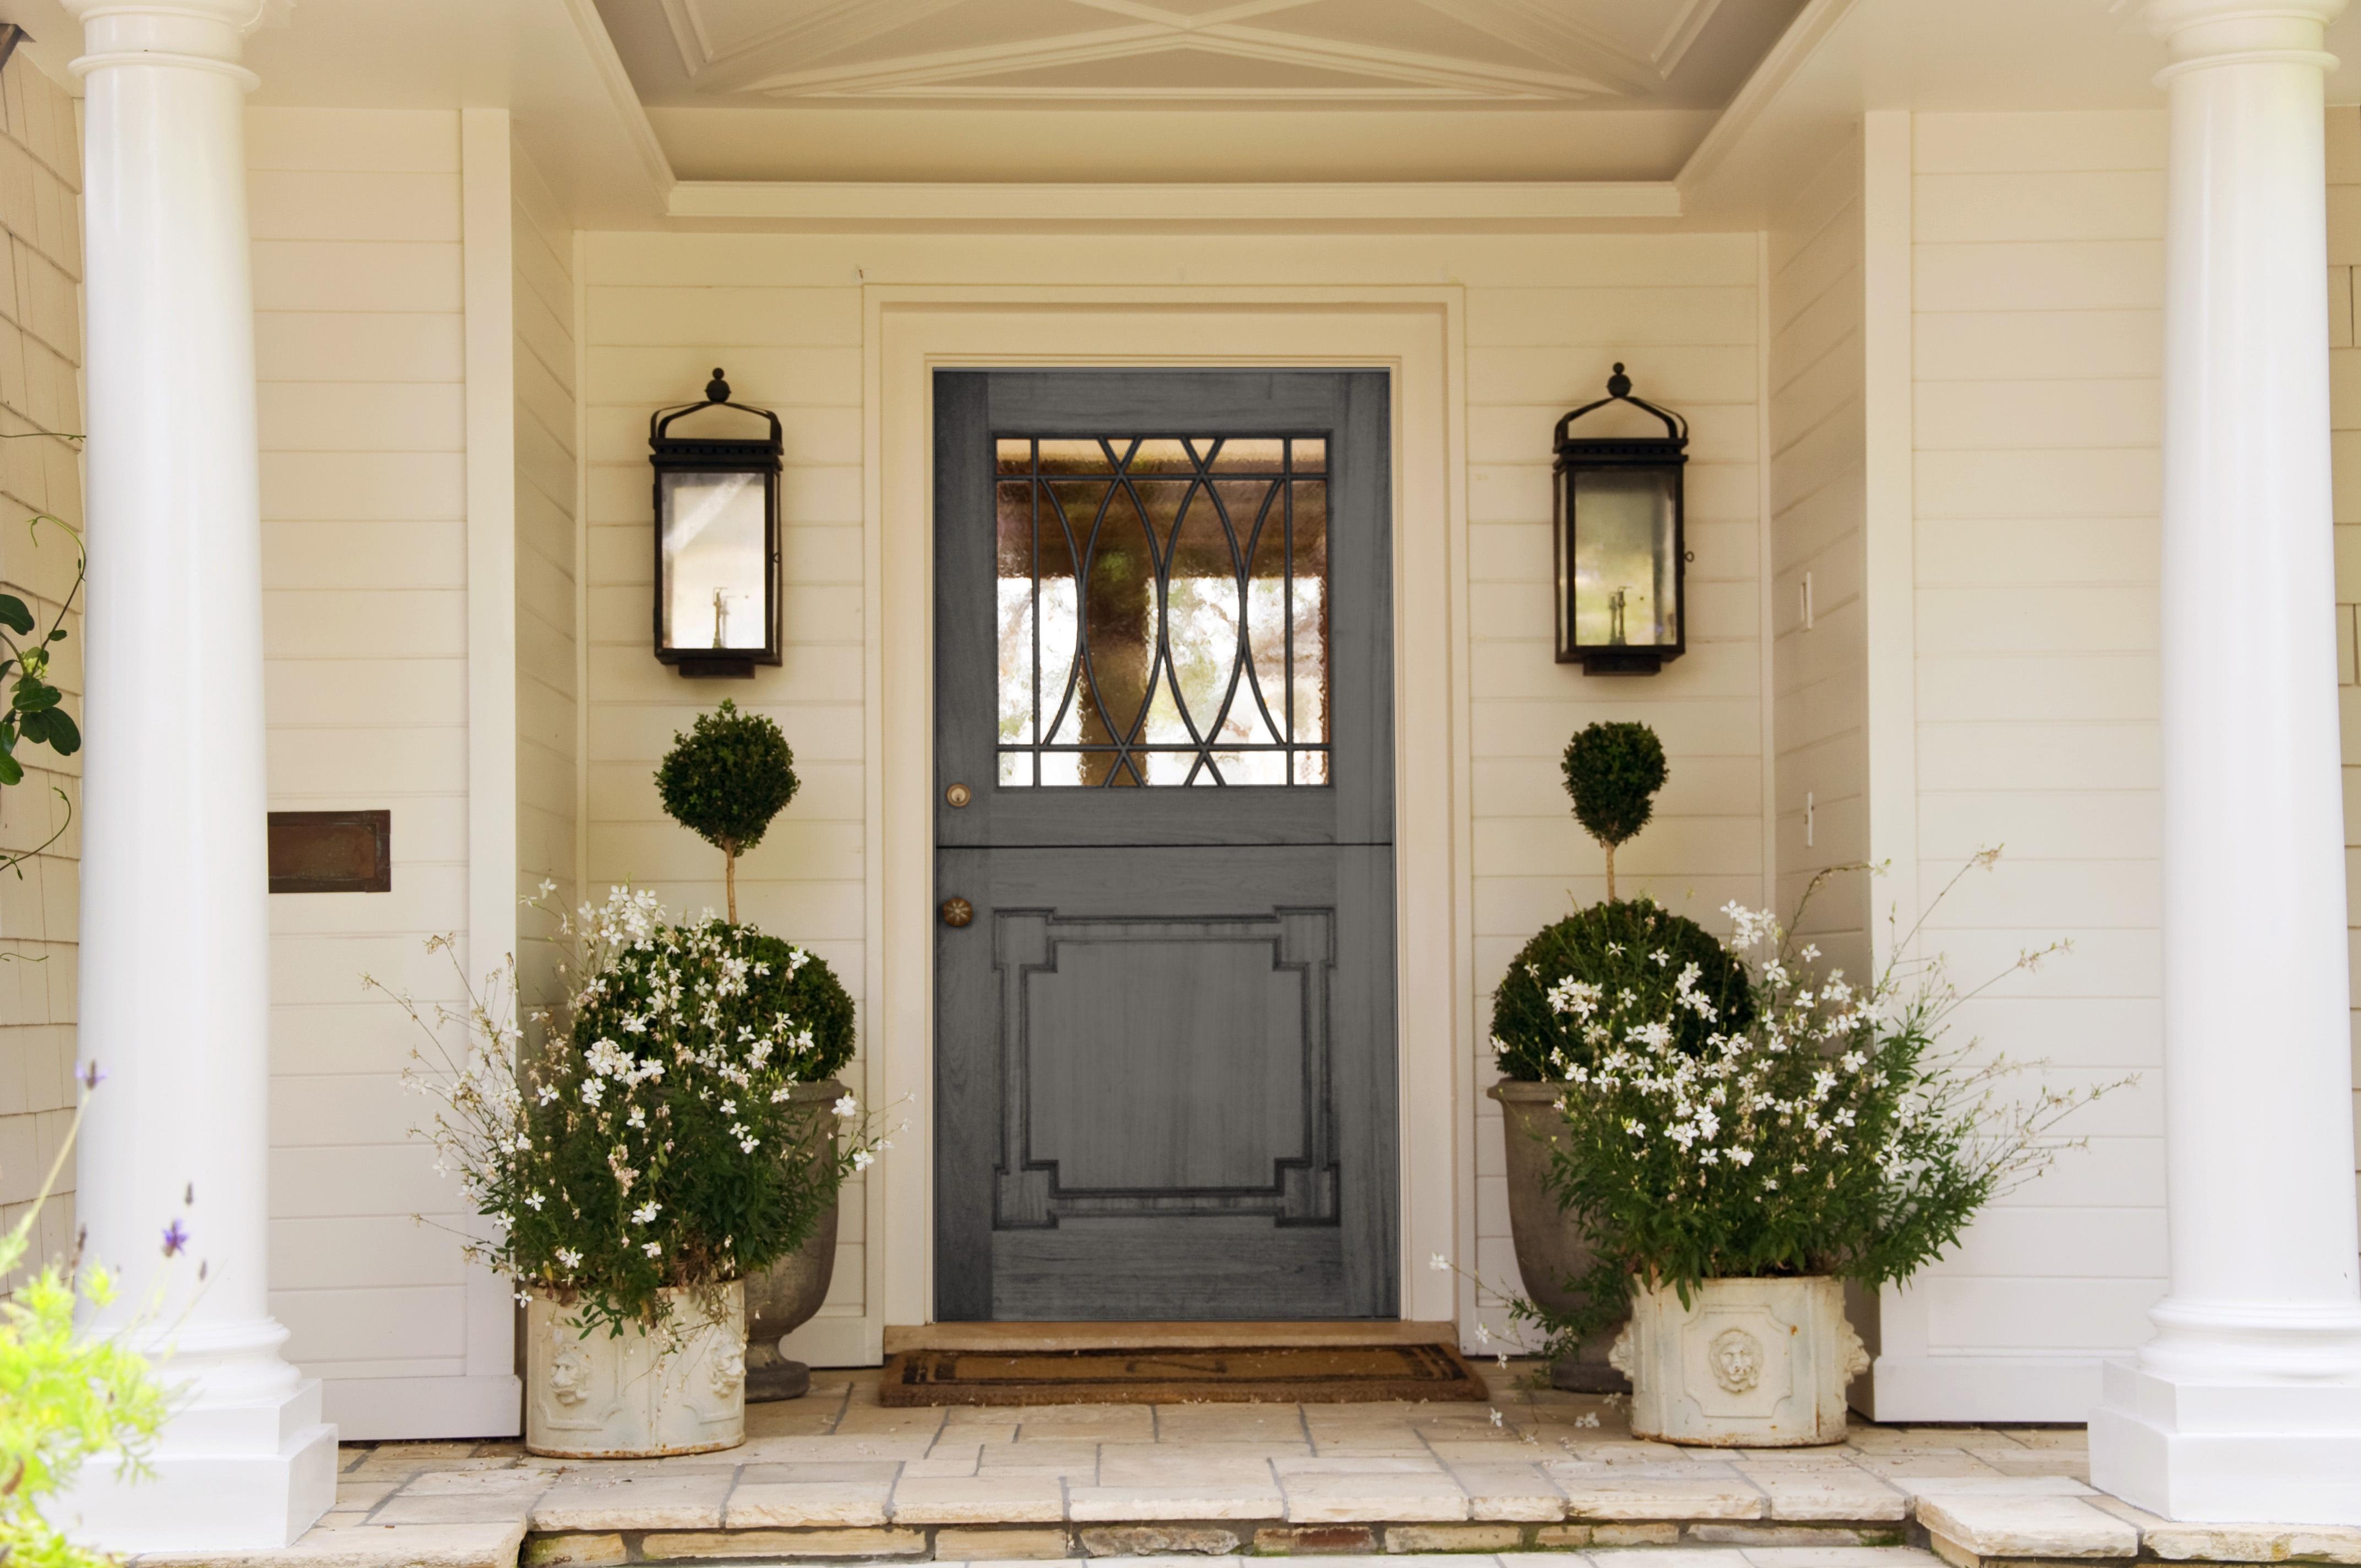 cil-midnite-hour-door